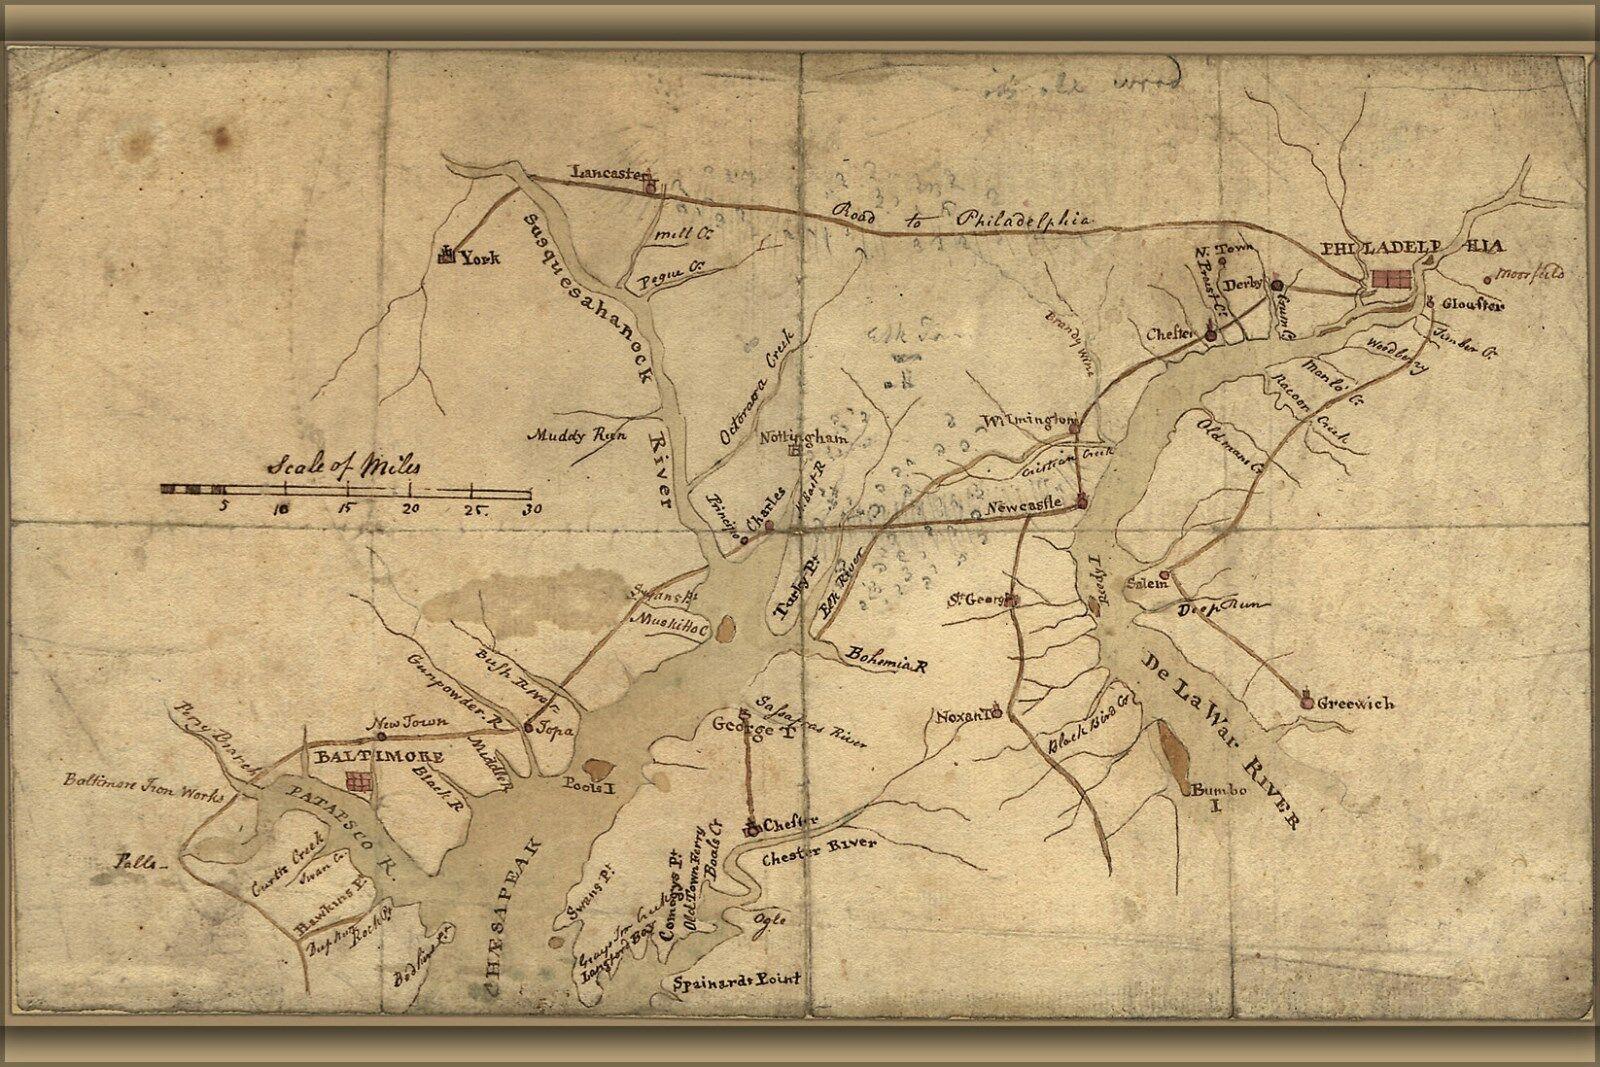 Plakat, Viele Größen; Karte von Delaware Fluss & Chesapeake Bay Bereich 1776